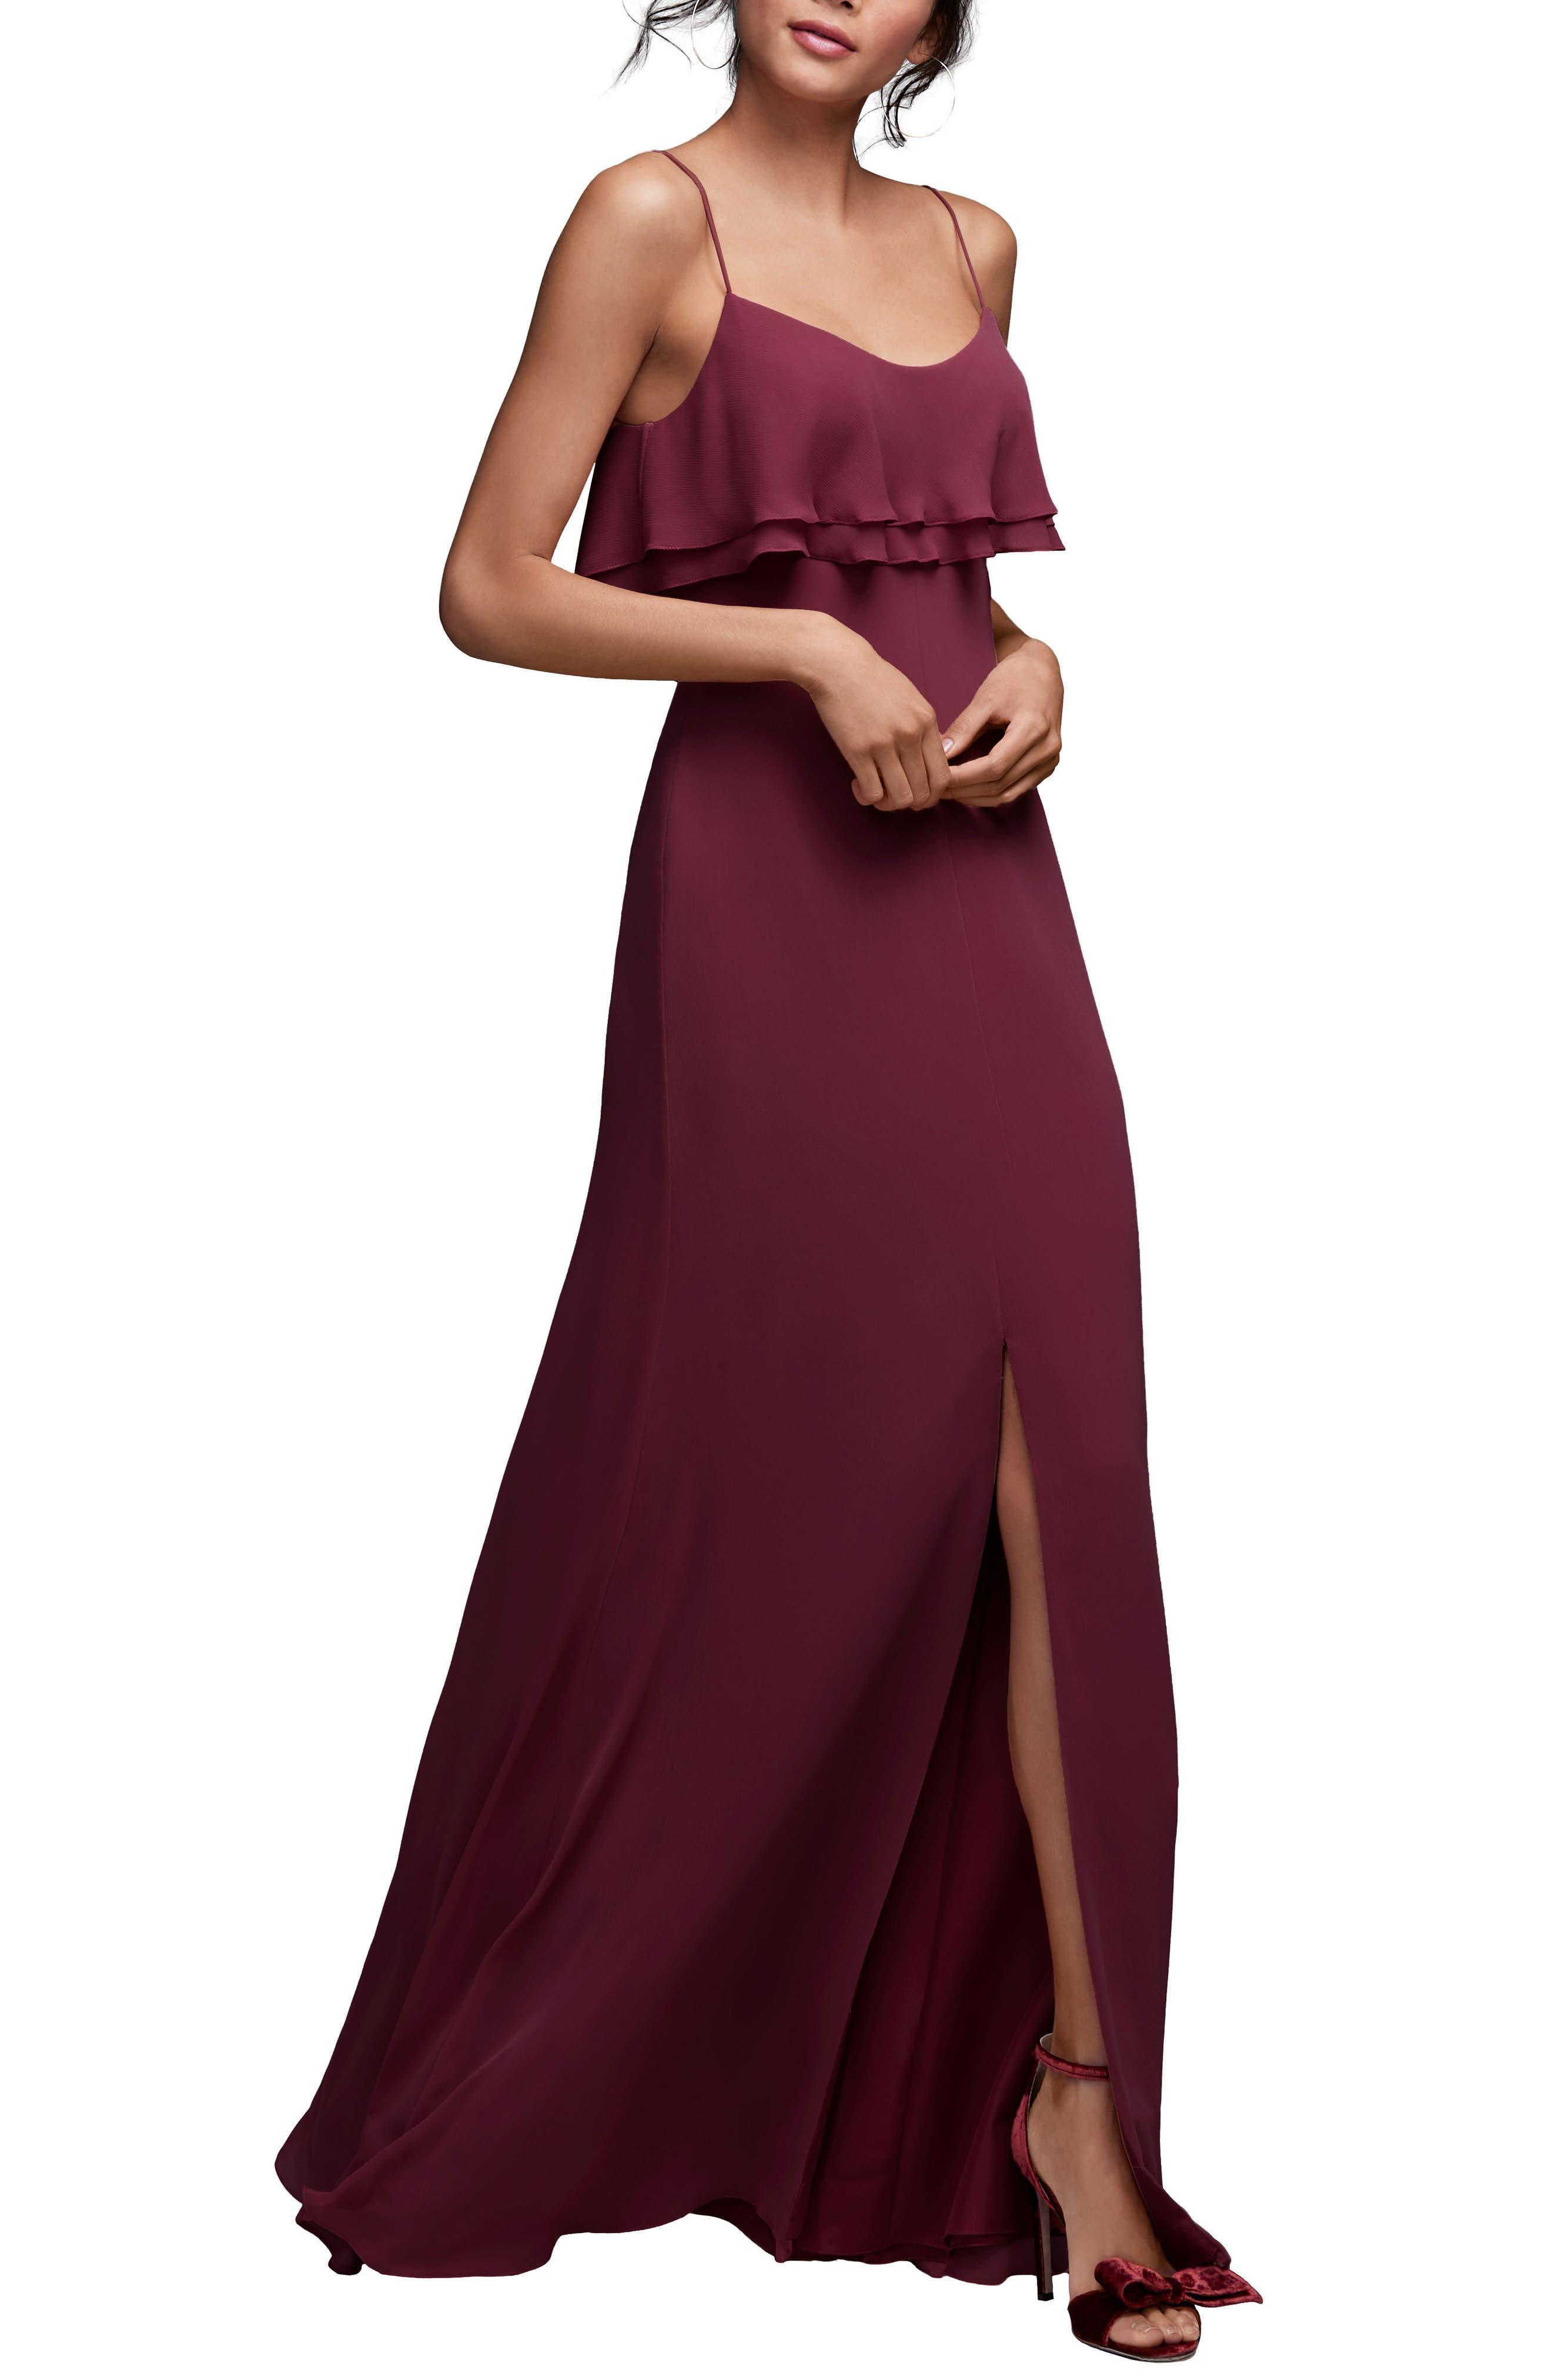 Jasper Ruffle Popover Gown,                         Main,                         color, WINE